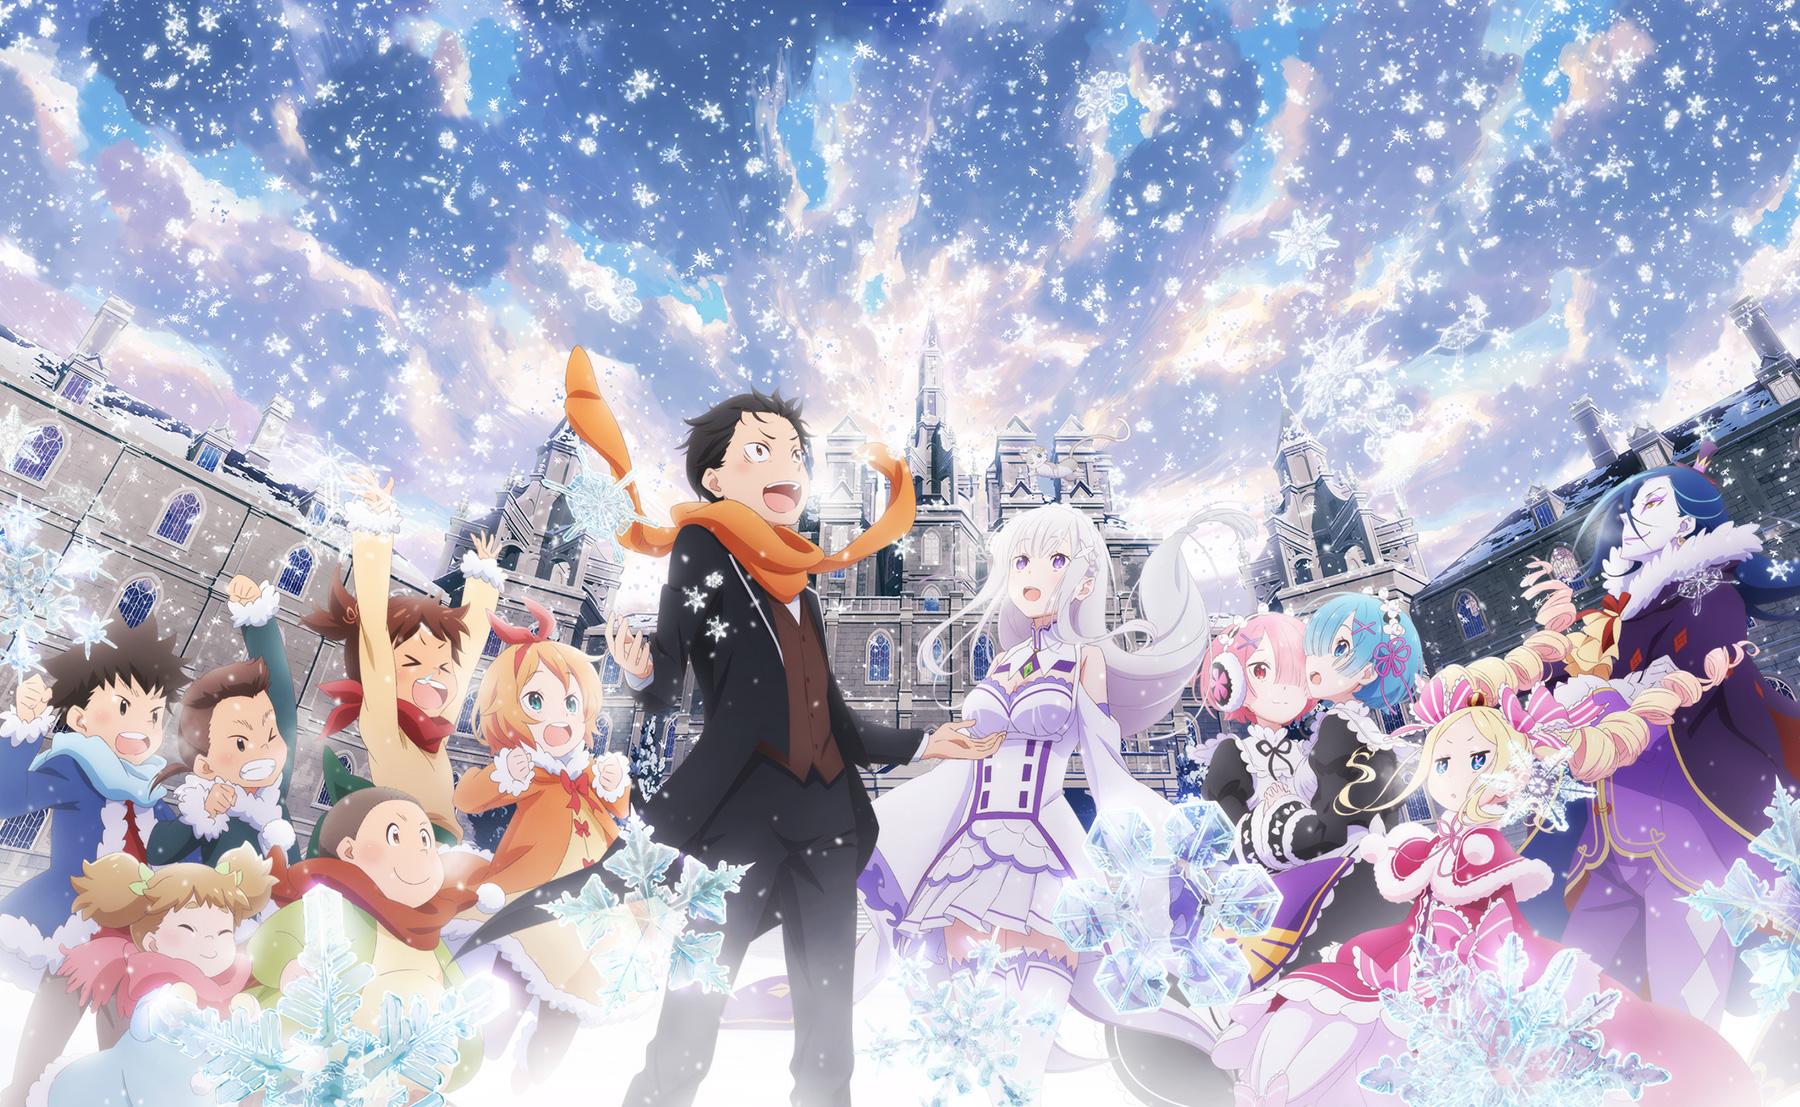 テレビアニメ Re ゼロから始める異世界生活 とは ホビールーム